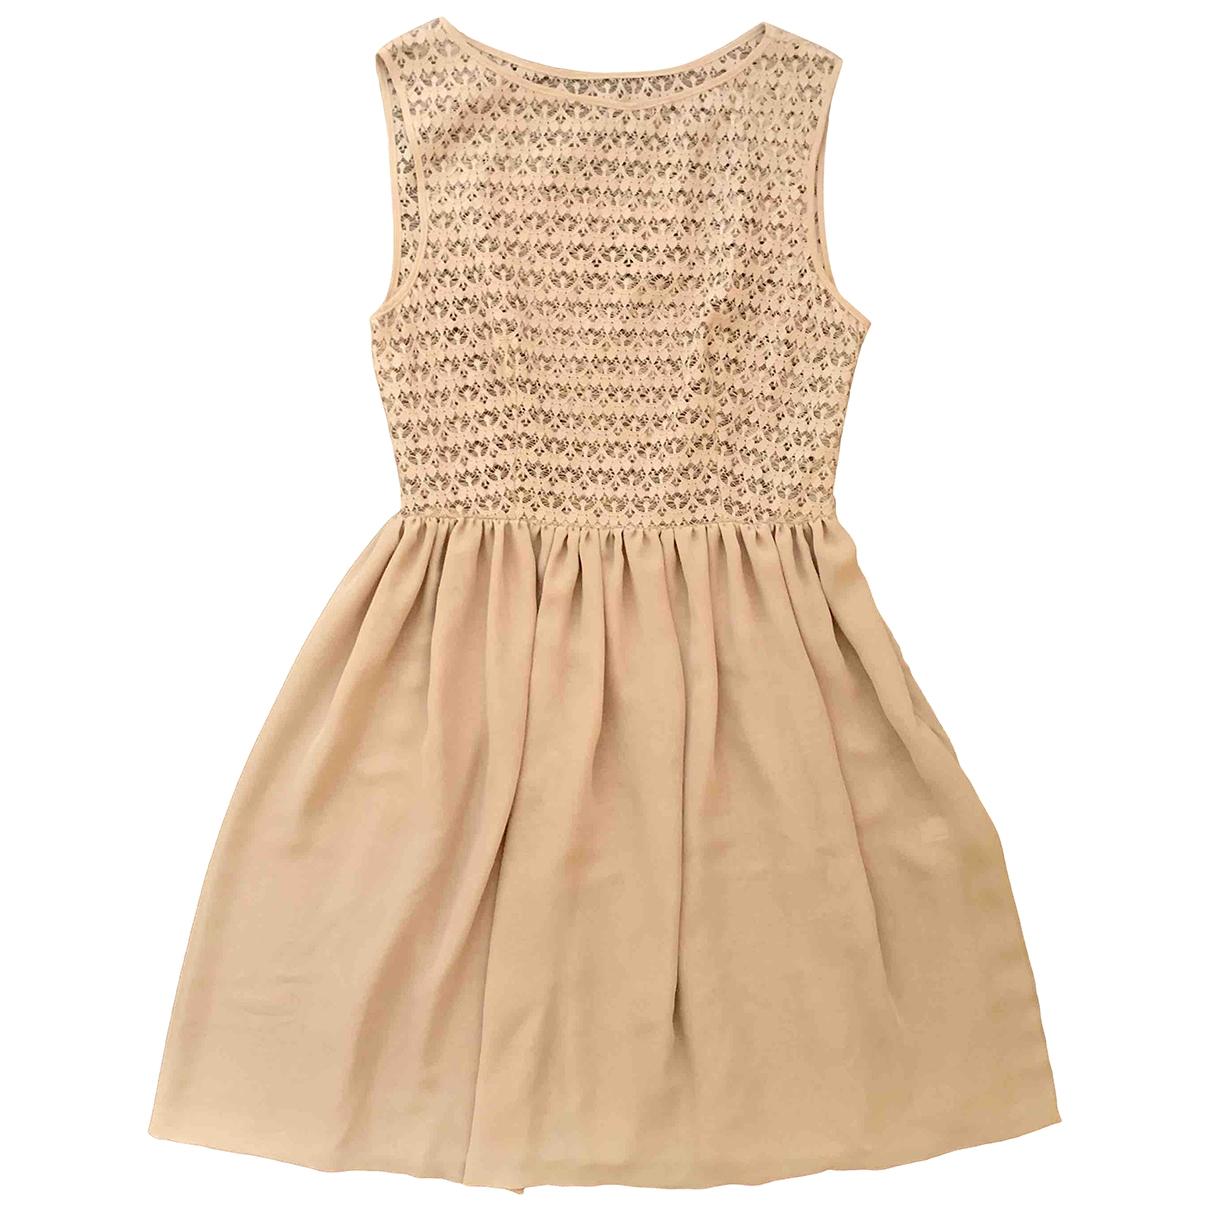 American Apparel \N Kleid in  Rosa Polyester